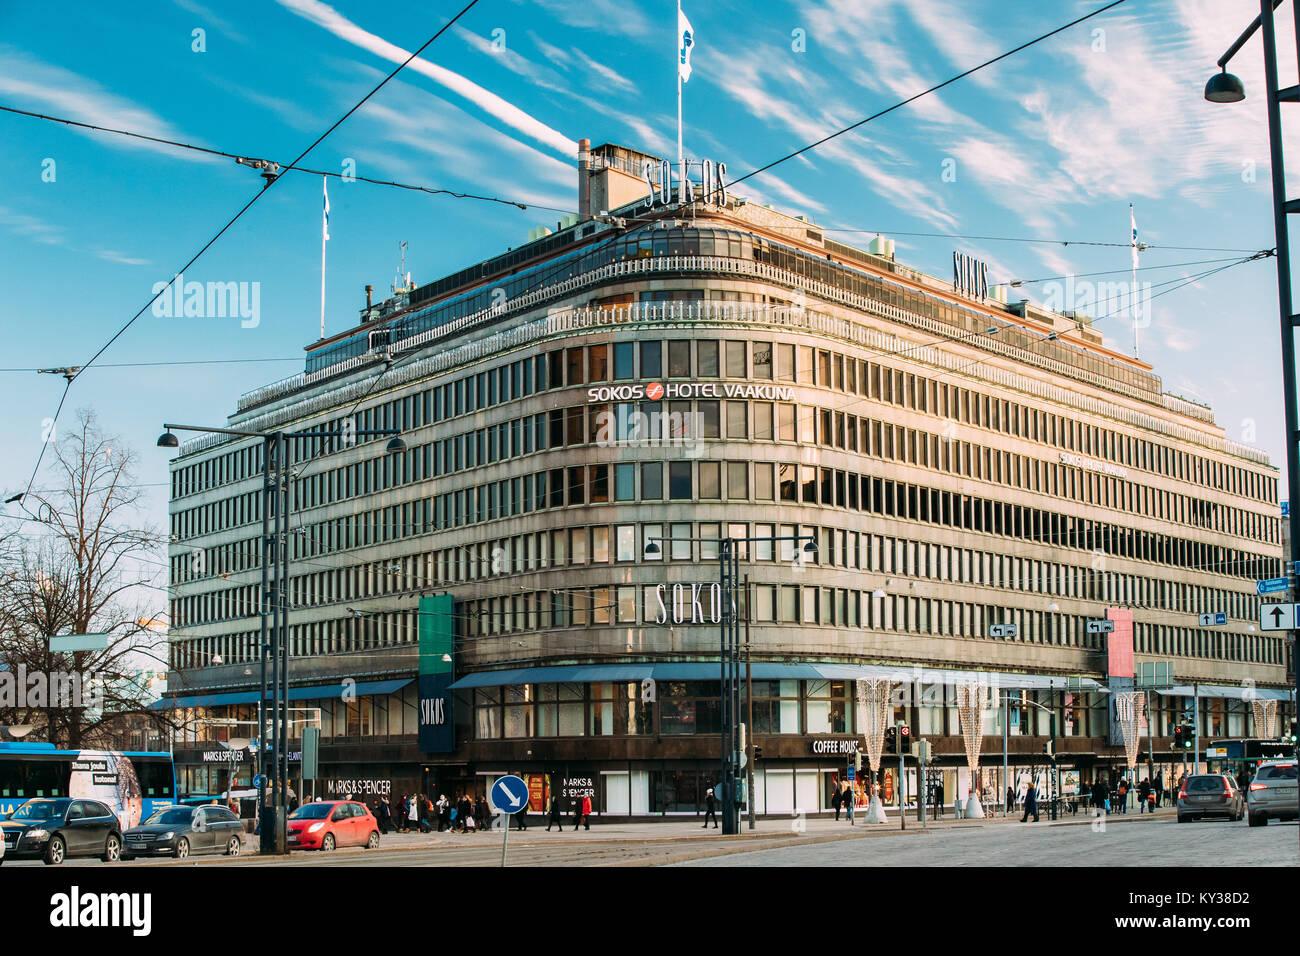 Helsinki, Finlandia - 10 dicembre 2016: vista originale di Sokos Hotel in inverno giornata di sole Immagini Stock